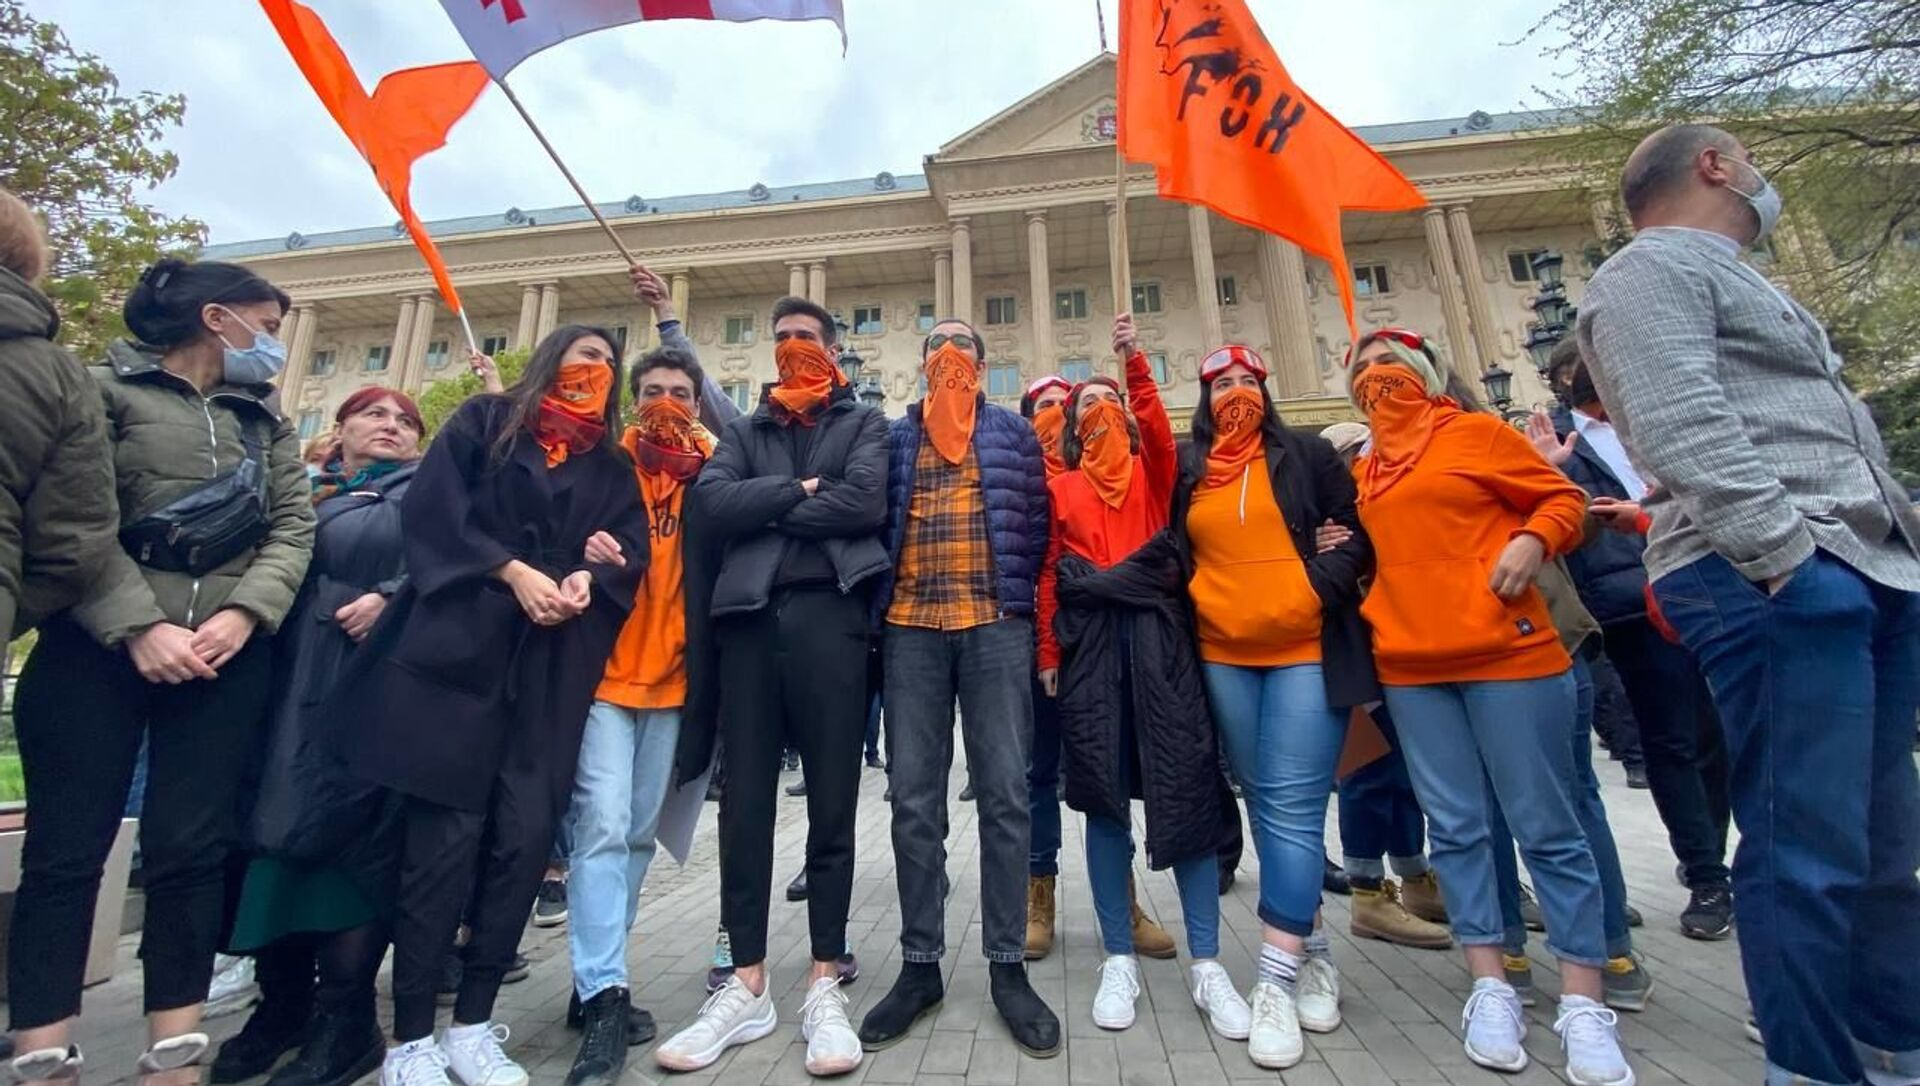 Акция в поддержку лидера ЕНД Ники Мелия у Тбилисского городского суда 13 апреля 2021 года - Sputnik Грузия, 1920, 13.04.2021